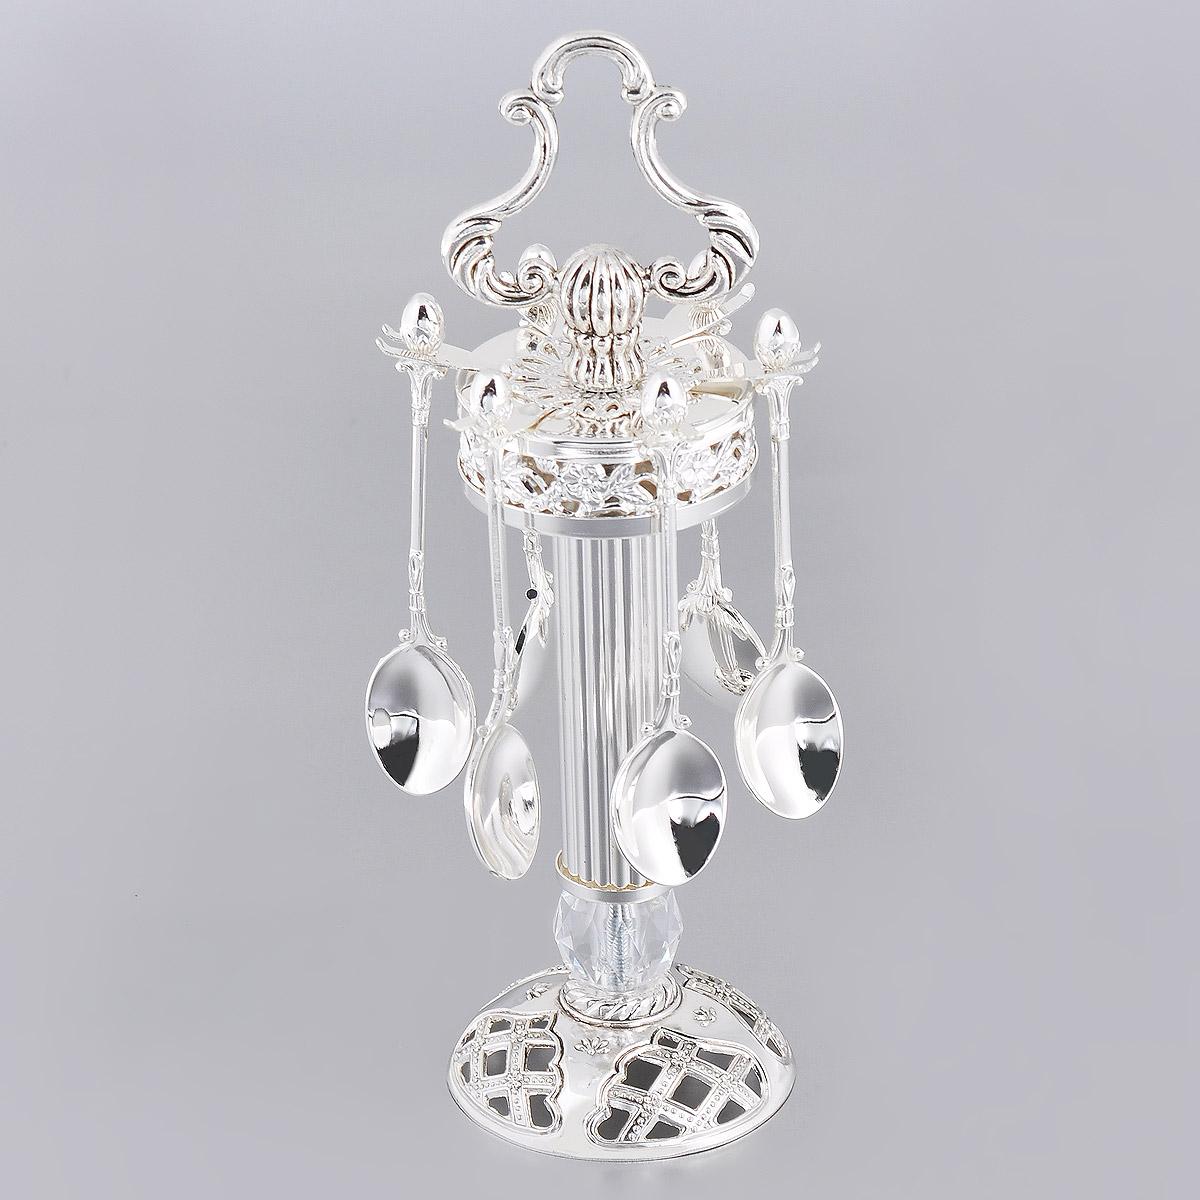 Набор чайных ложек Marquis, на подставке, длина 11 см, 7 предметов. 2107-MRFS-91909Набор Marquis состоит из шести чайных ложек и подставки, изготовленных из стали с никель-серебряным покрытием. Подставка выполнена в виде колонны, основание которой украшено крупным граненым кристаллом. Подставка так же оформлена цветочной перфорацией, оснащена шестью крючками для ложечек и ручкой. Эксклюзивный дизайн, эстетичность и функциональность набора позволят ему занять достойное место среди кухонного инвентаря, а сервировка праздничного стола таким набором станет великолепным украшением любого торжества.Длина ложки: 11 см.Размер подставки (ДхШхВ): 8,5 см х 8,5 см х 23 см.